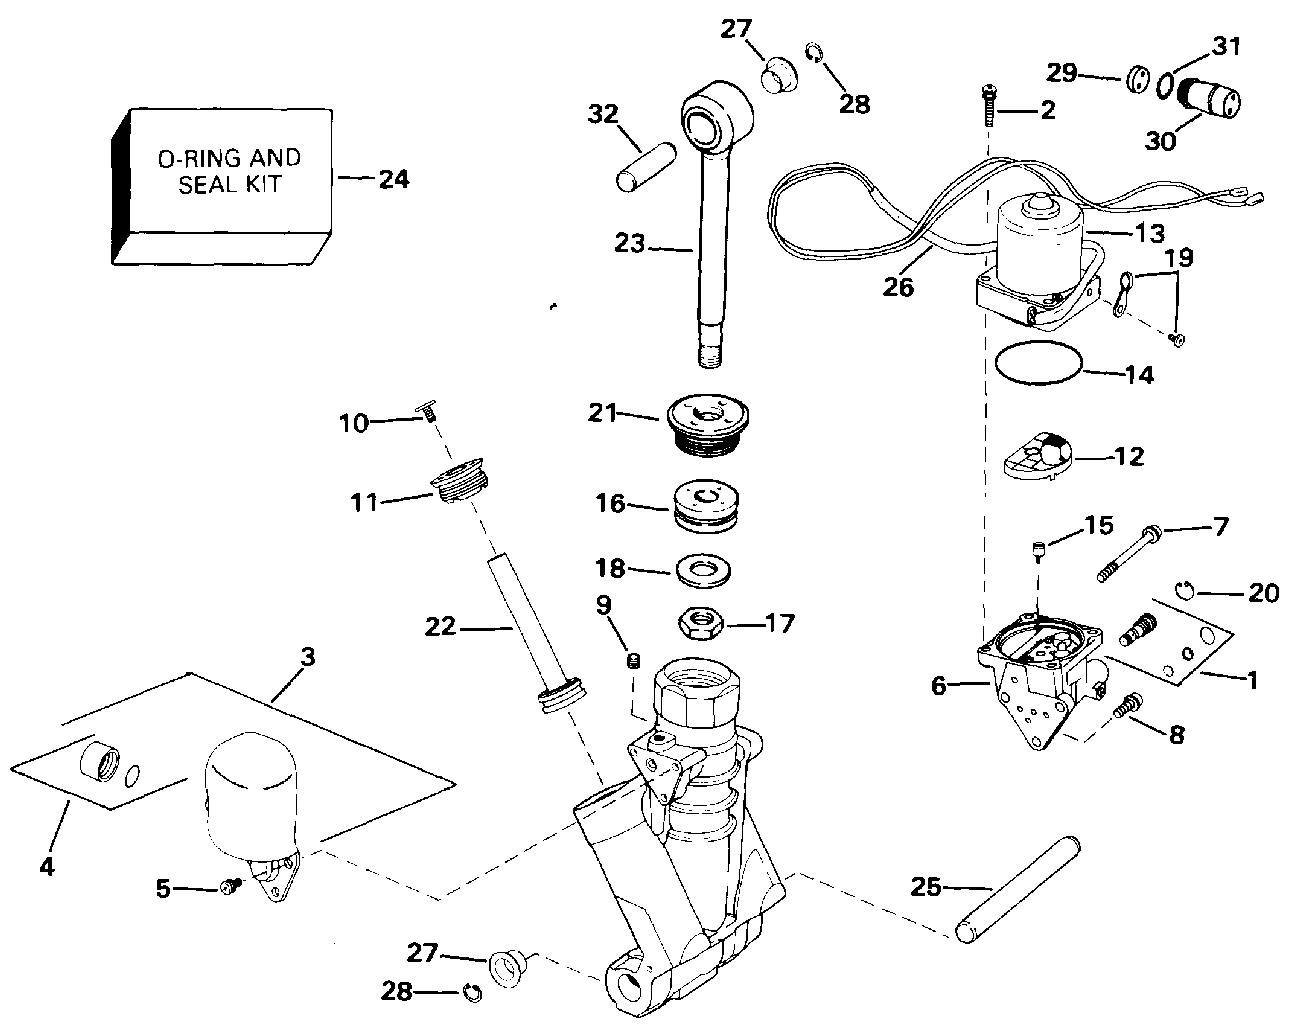 Wiring Database 26 Johnson Tilt And Trim Diagram